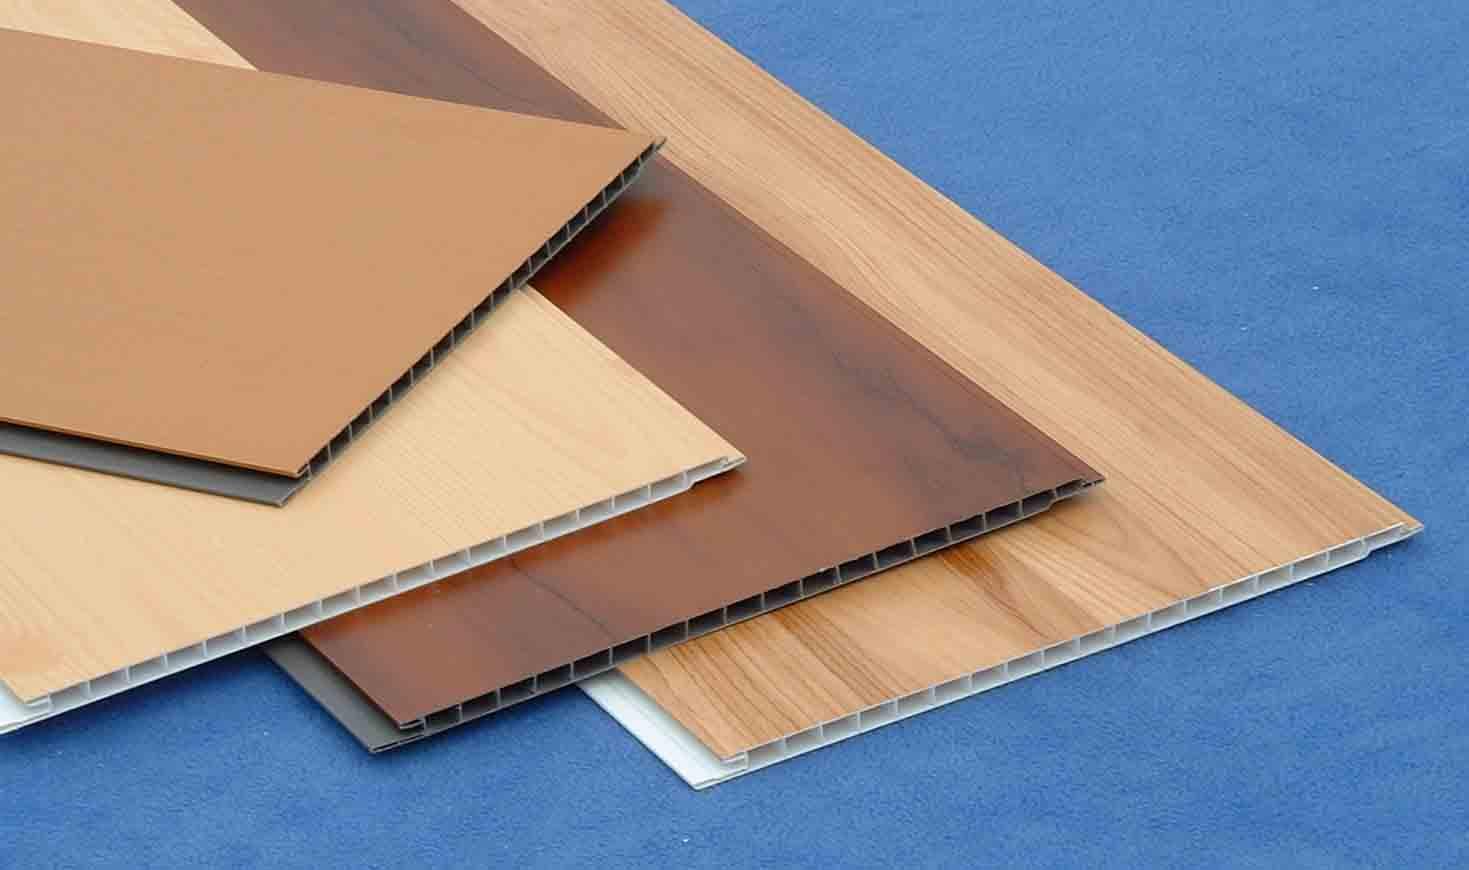 Valget av PVC-paneler